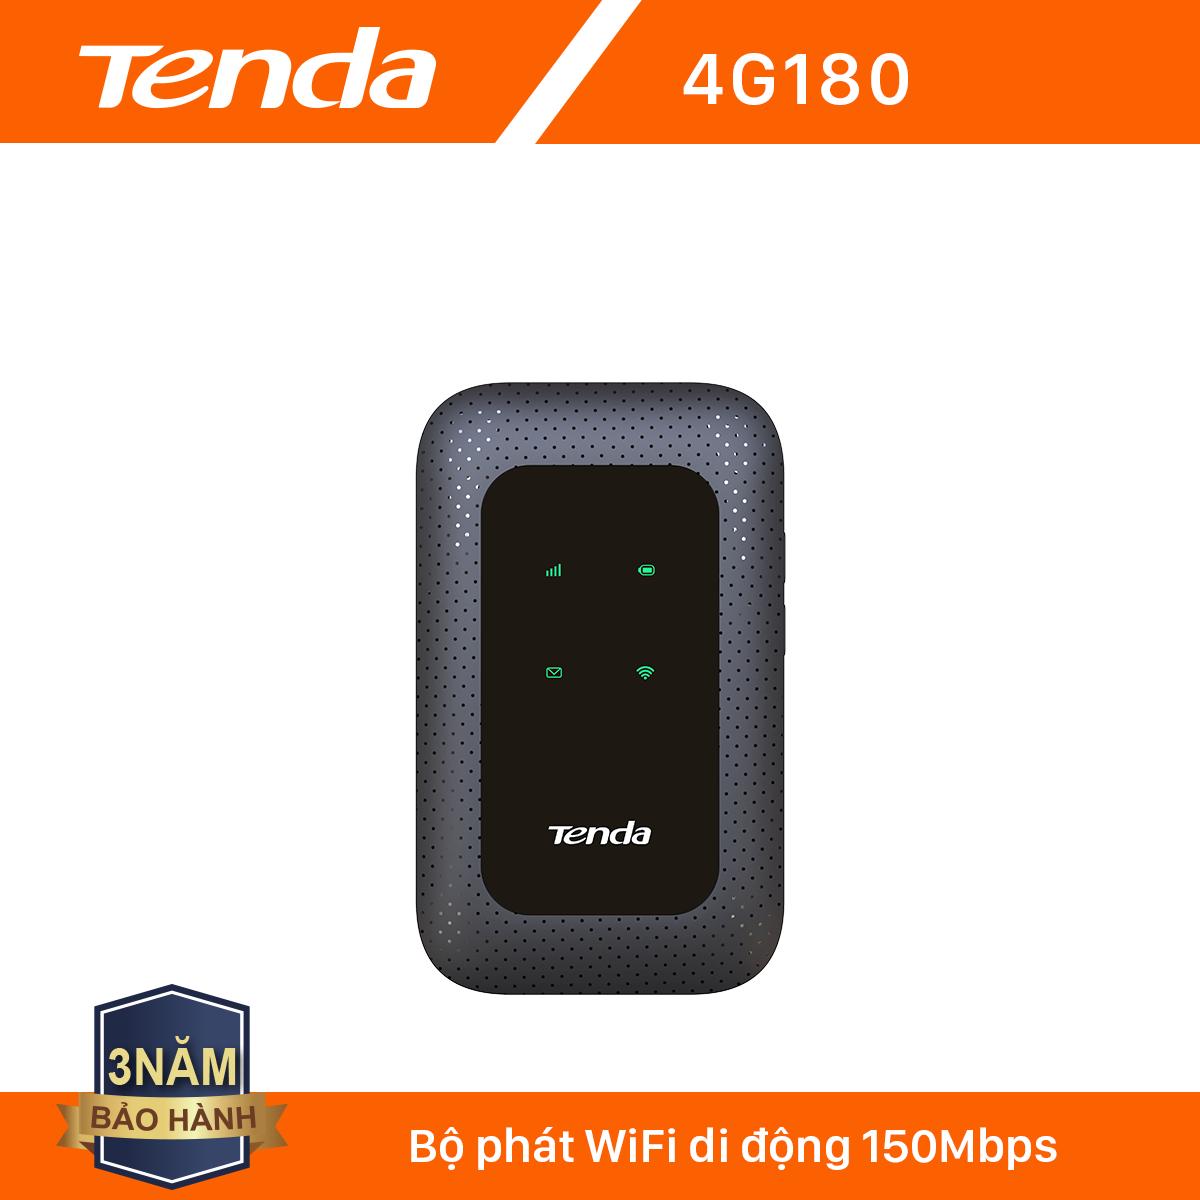 [Nhập ELCLNOV8 giảm thêm 8%] Tenda Bộ phát Wifi di động 4G LTE 4G180 – Hãng phân phối chính thức